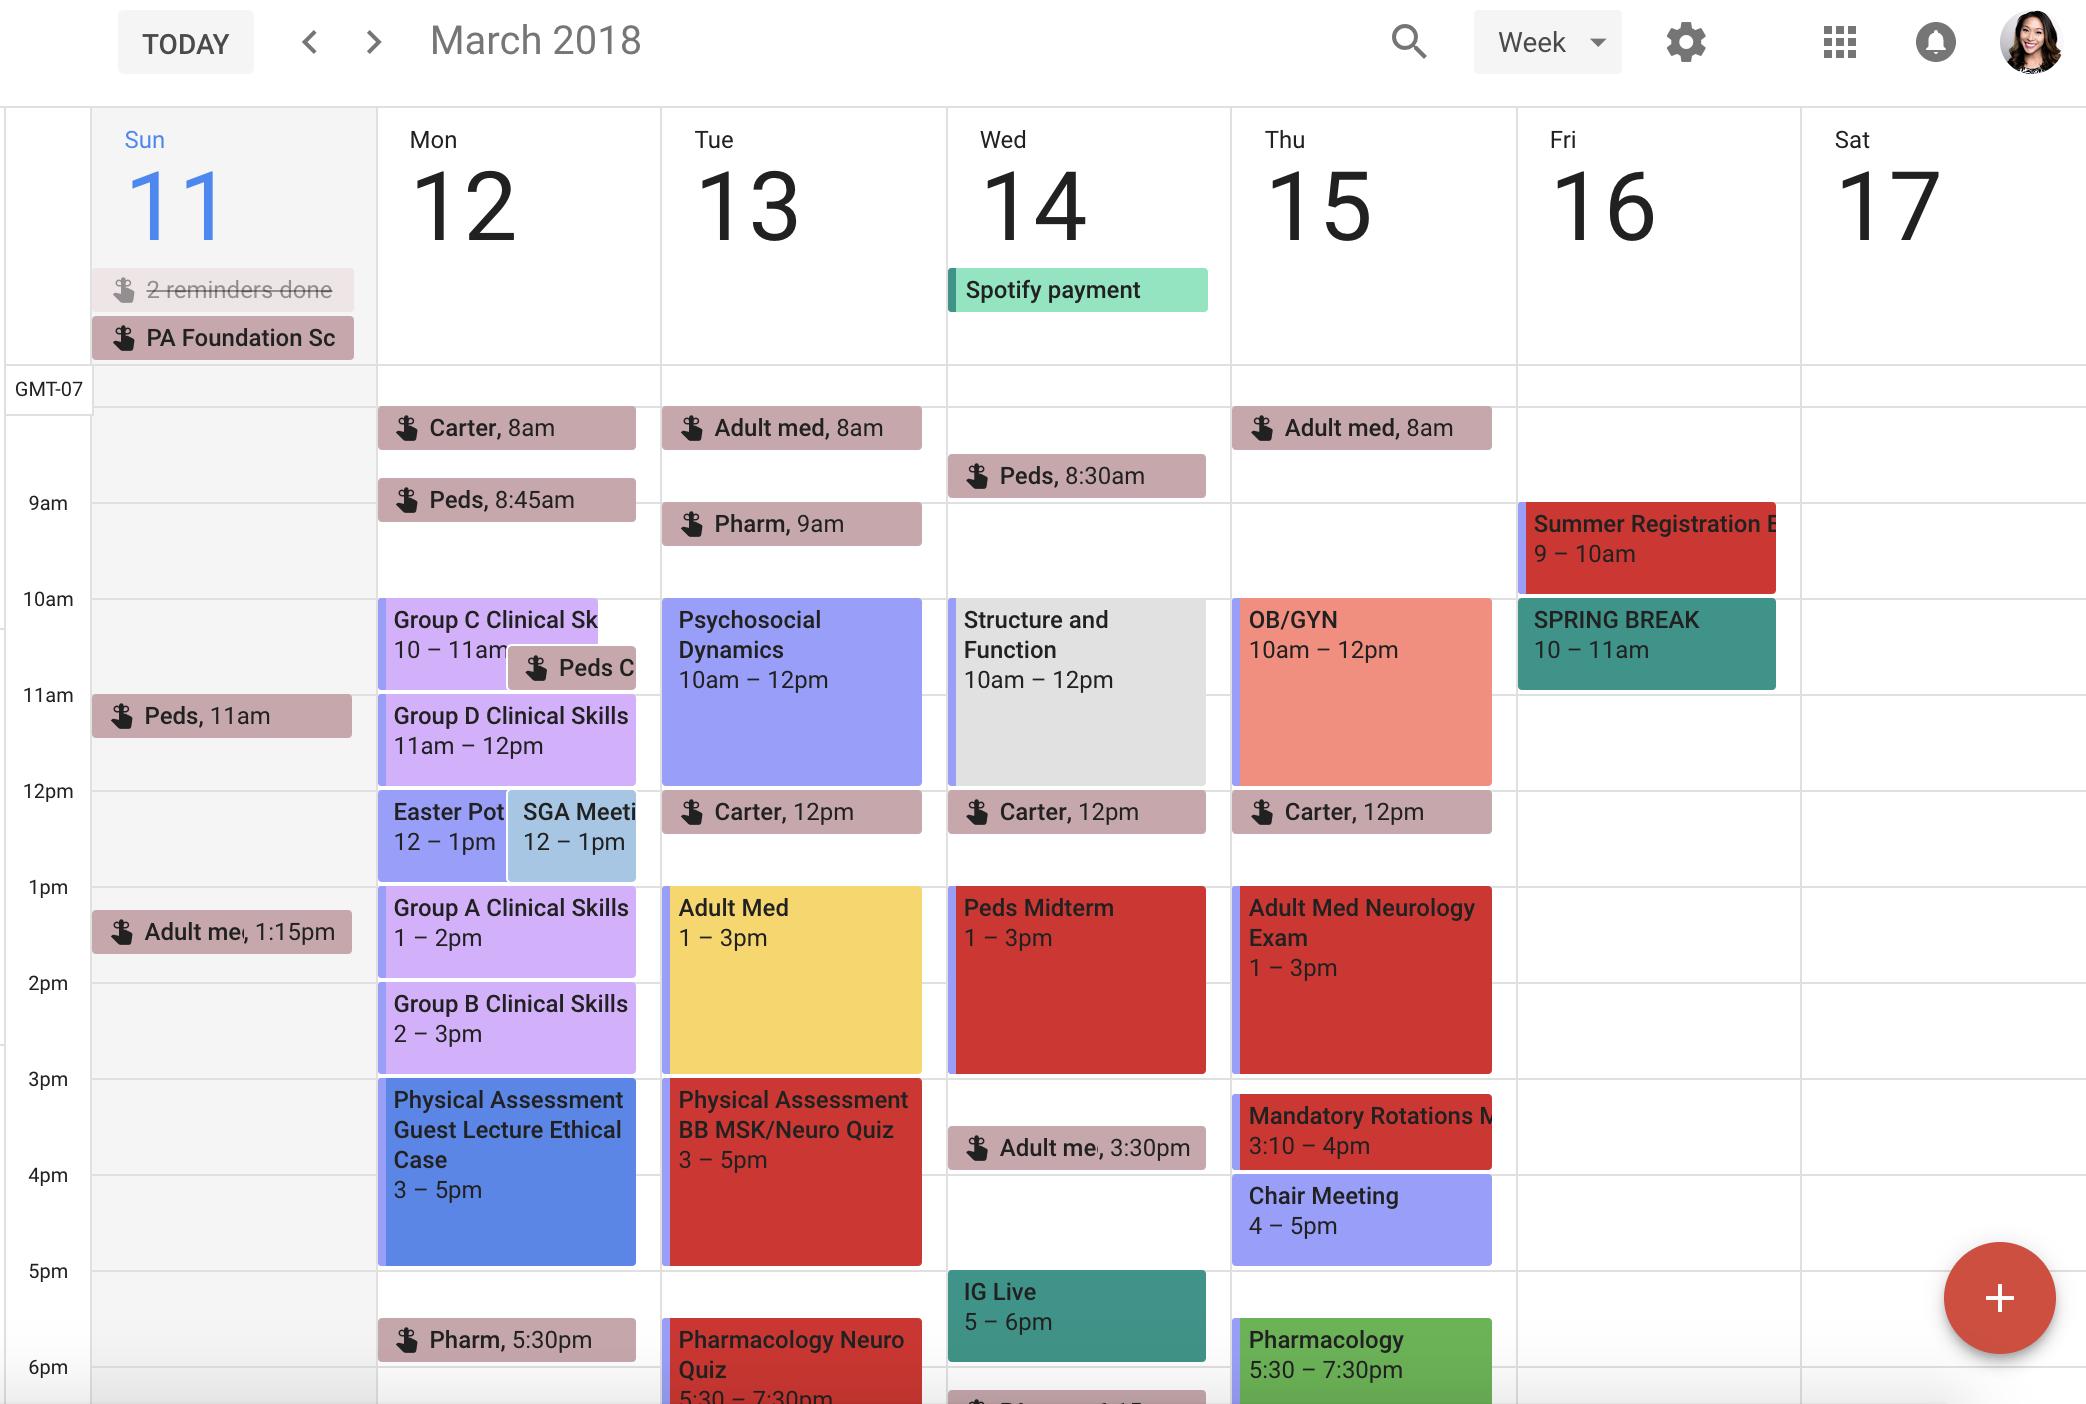 Screen Shot 2018-03-11 at 7.18.24 PM.png